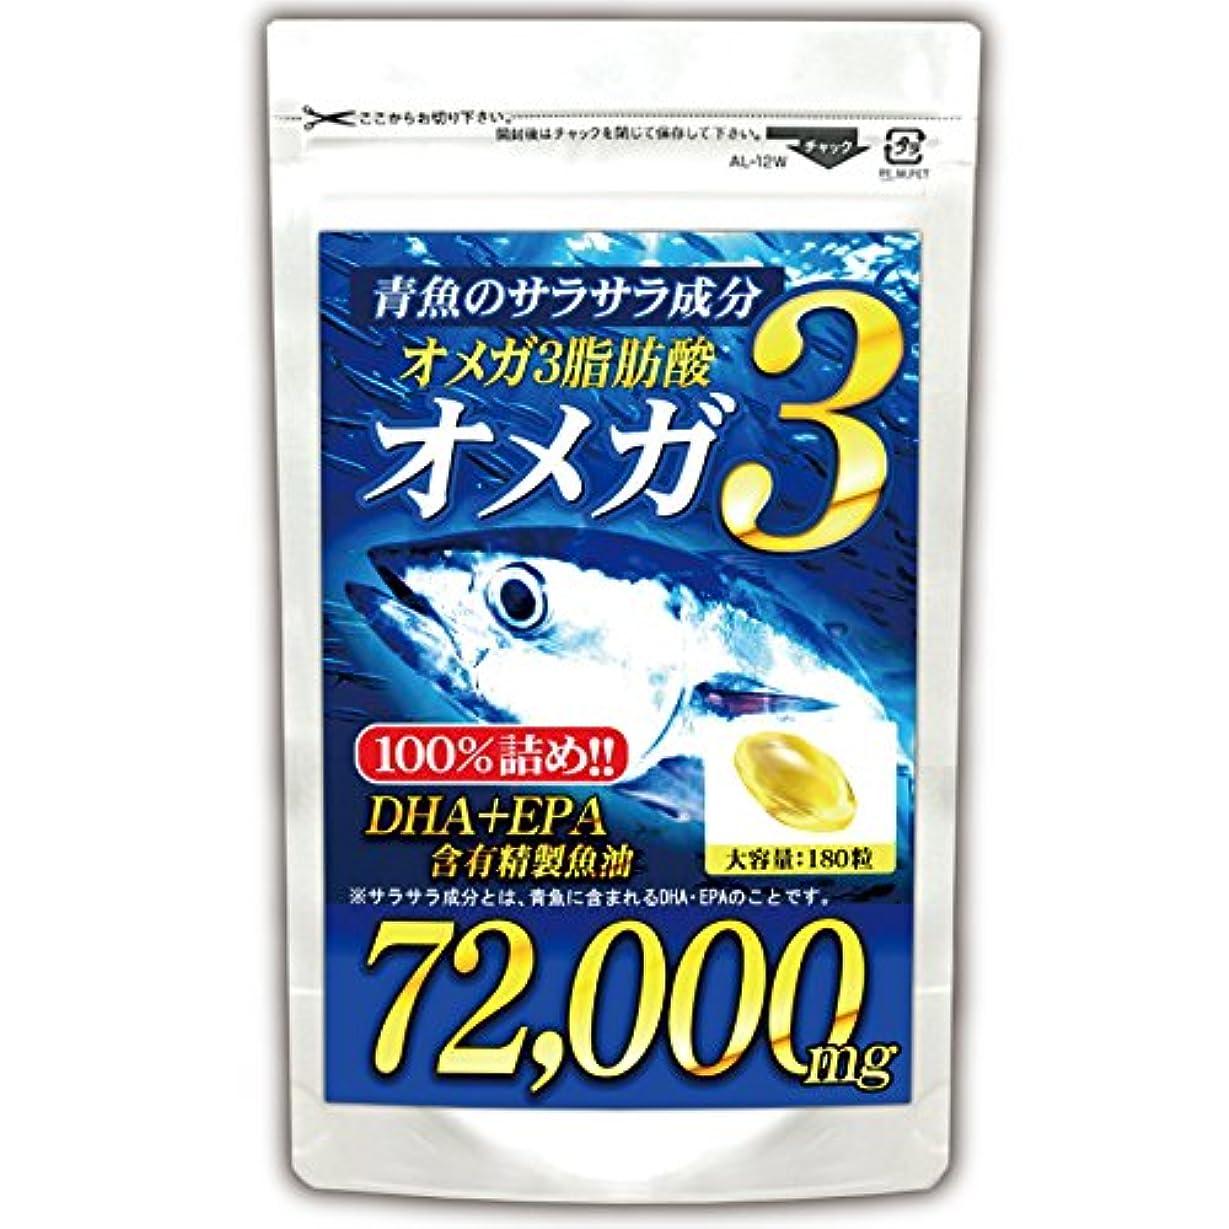 債務者カルシウム世界の窓(大容量:約6ヵ月分/180粒)青魚de72,000